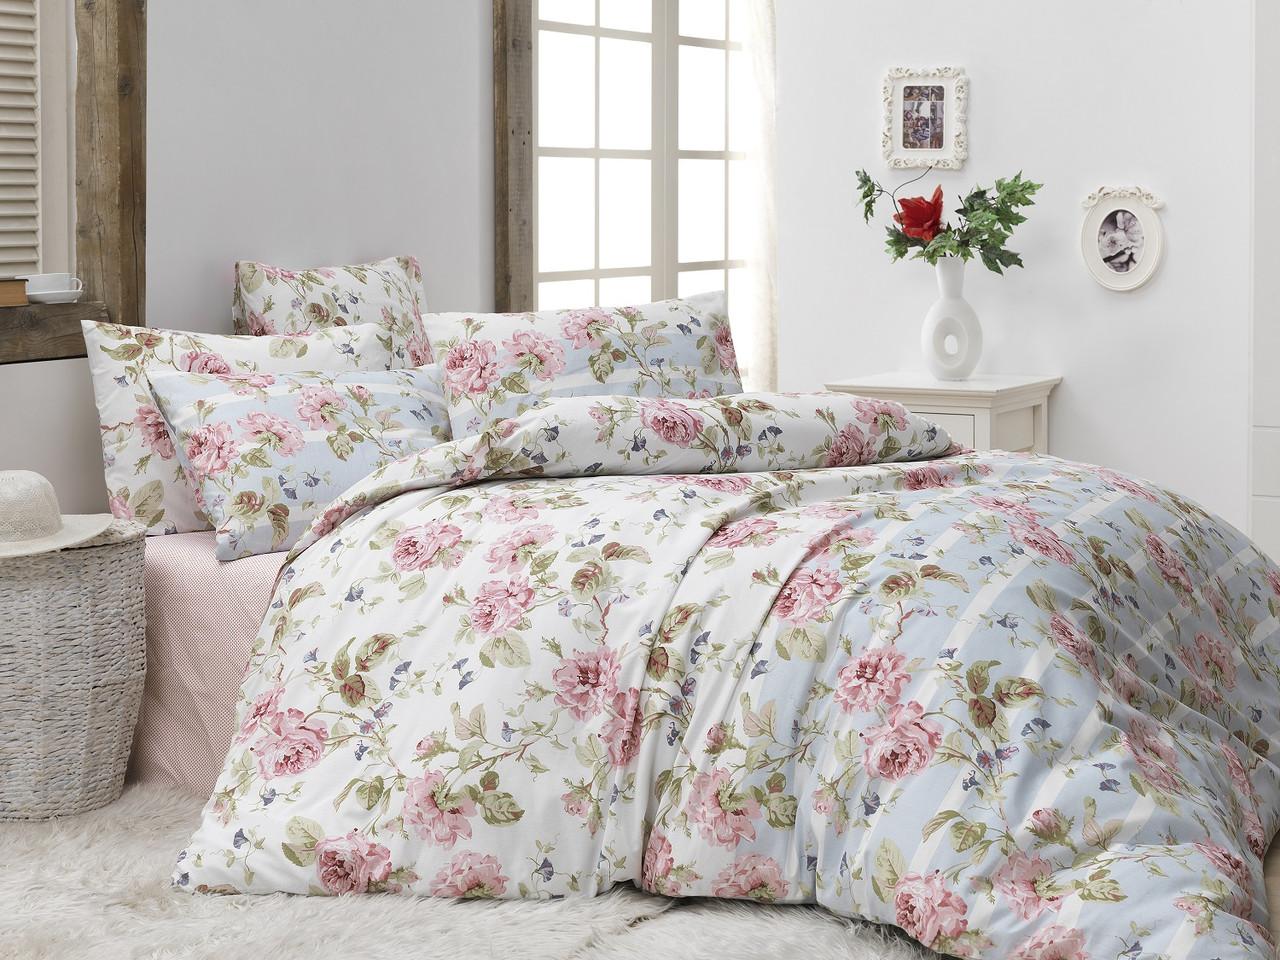 Двуспальный комплект постельного белья Бязь голд GARDEN 200*220 см. (13036_2.0LH)